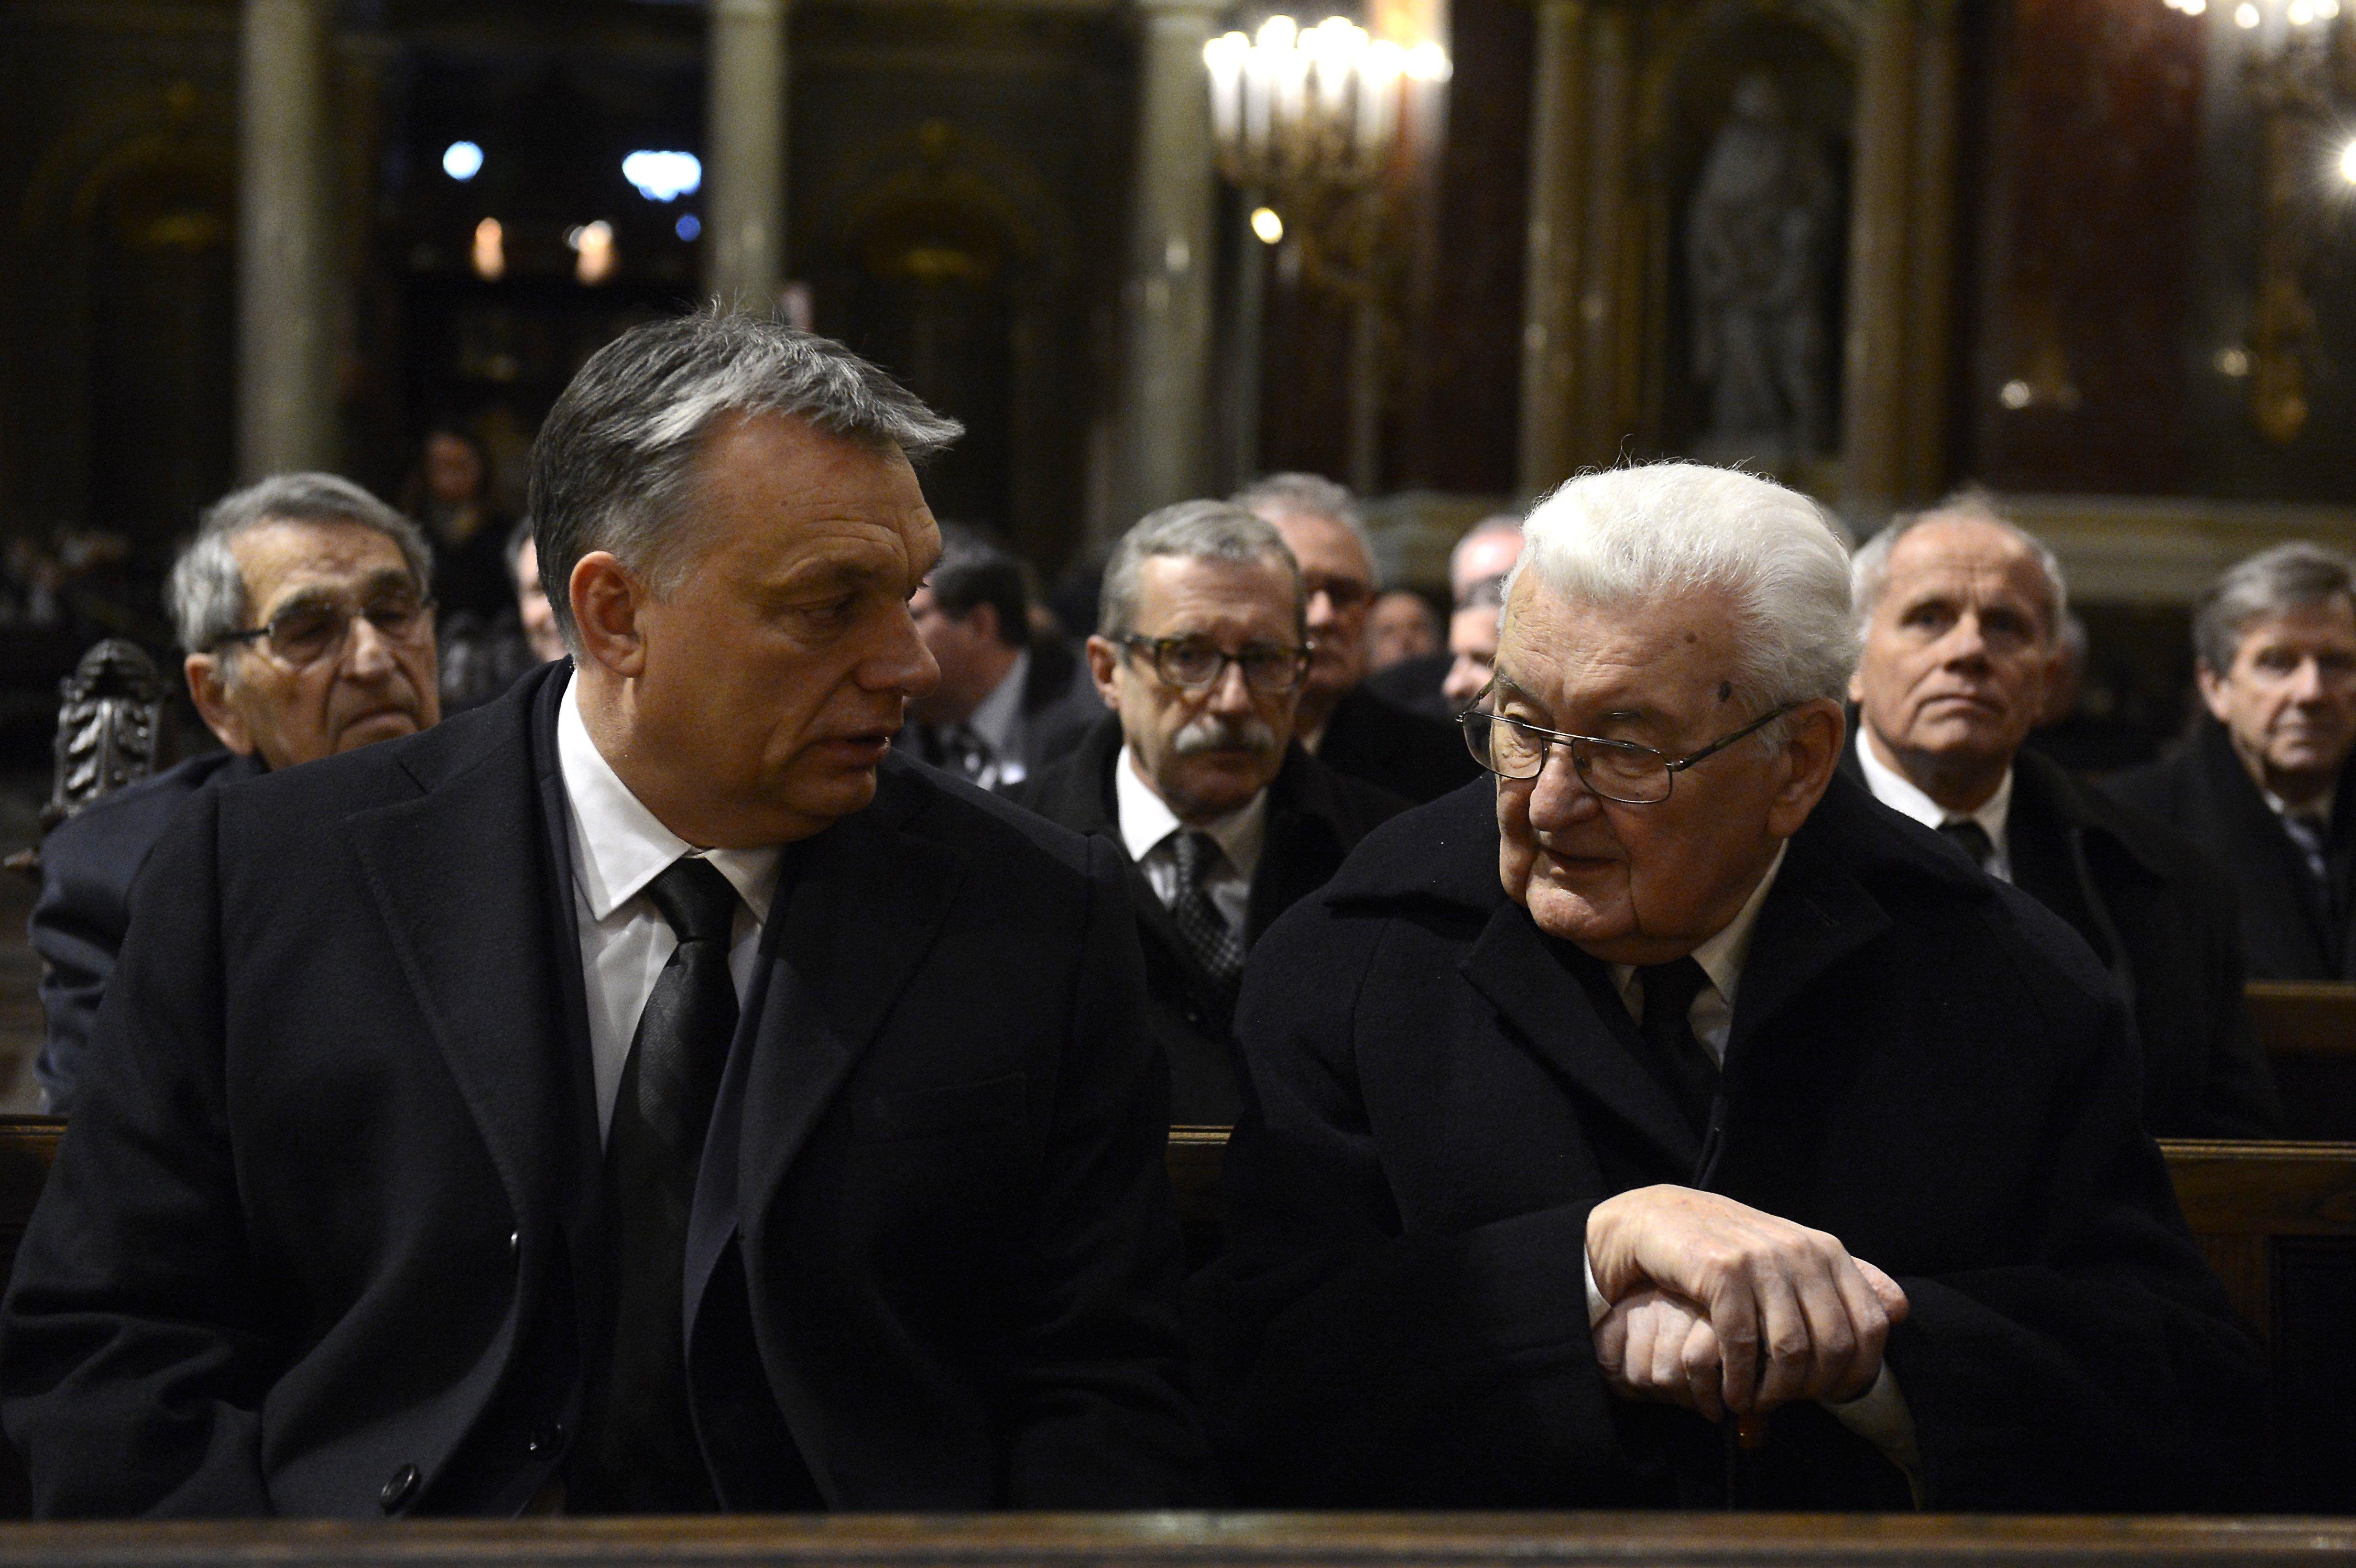 Boross Péter: A fiataloknak meg kellene mondani, hogy a külföldi egyetemek nem jobbak, mint a magyarok